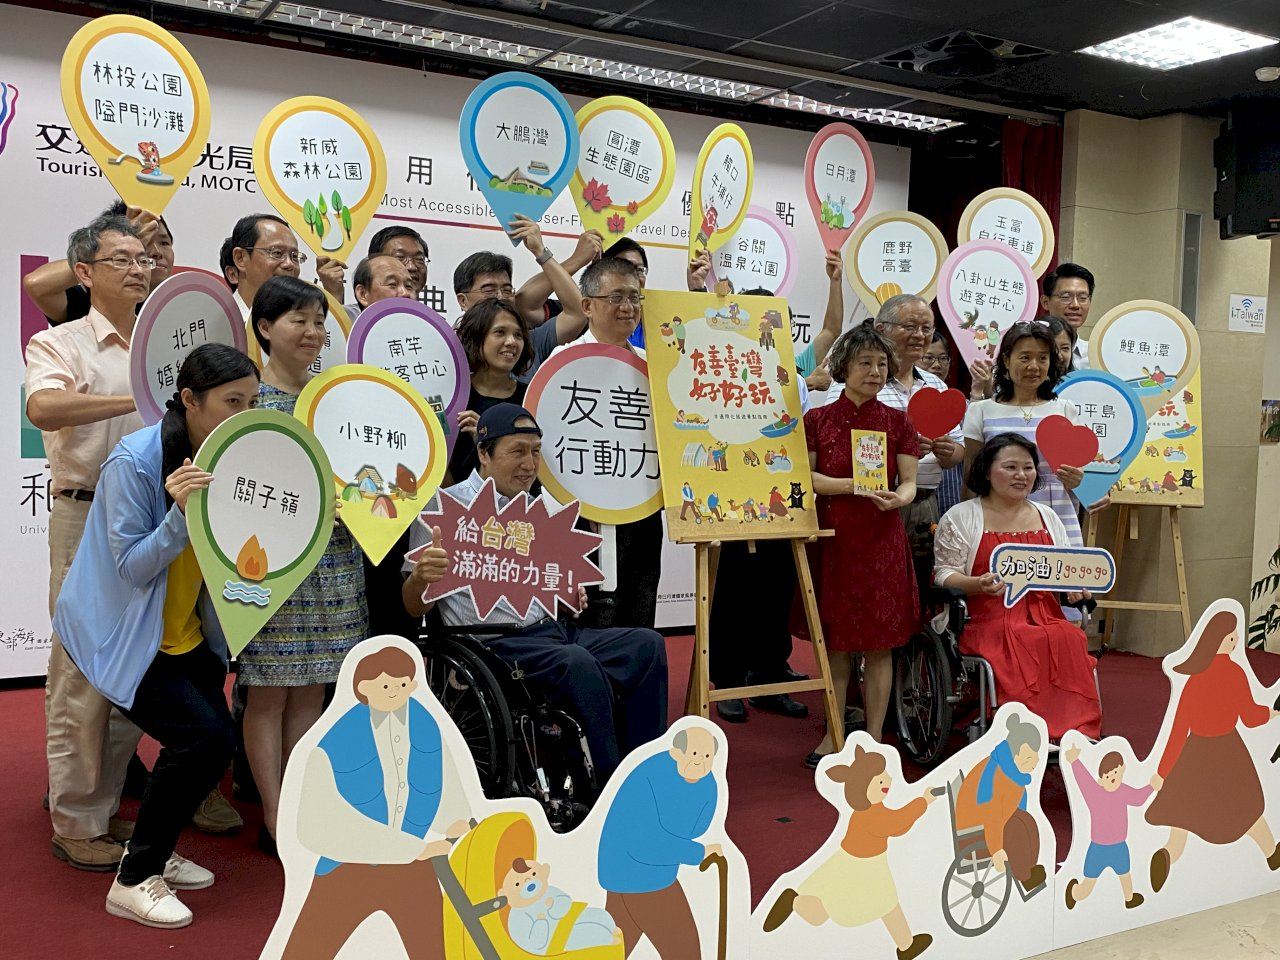 觀光局推出「友善台灣旅遊指南」 打造35條無障礙遊程